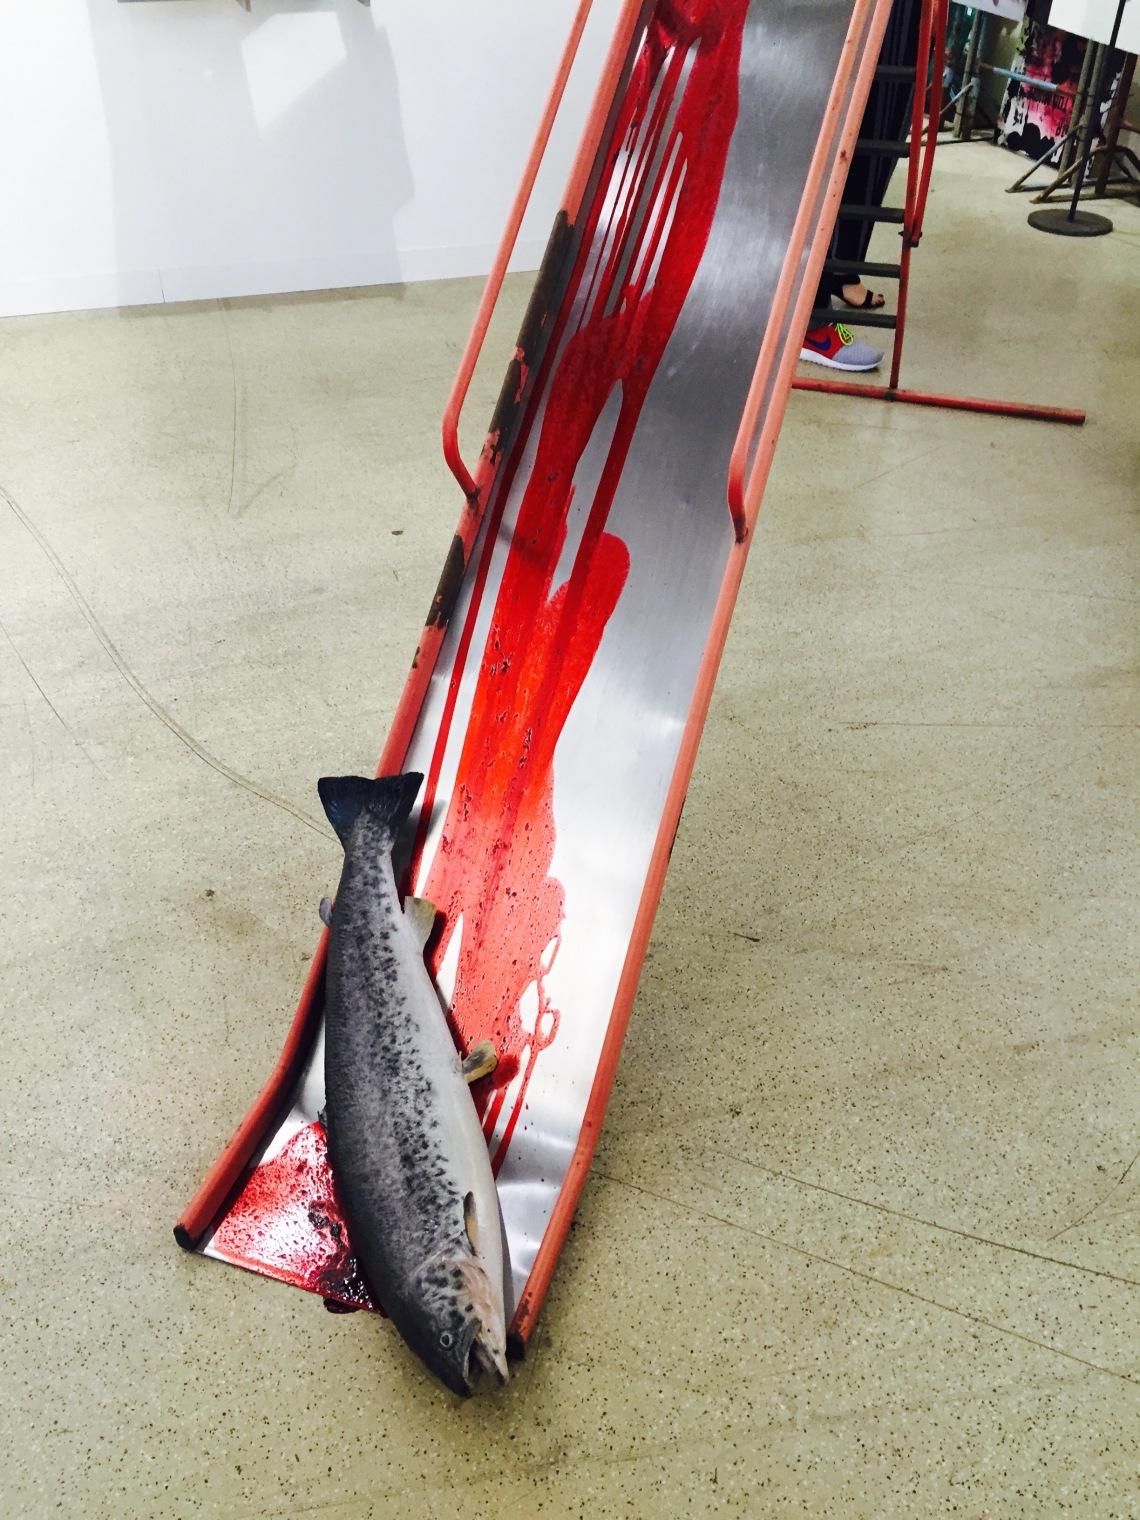 Aldo Mondino, 'Scivolo (Slide)', 1968. Art Basel 2015